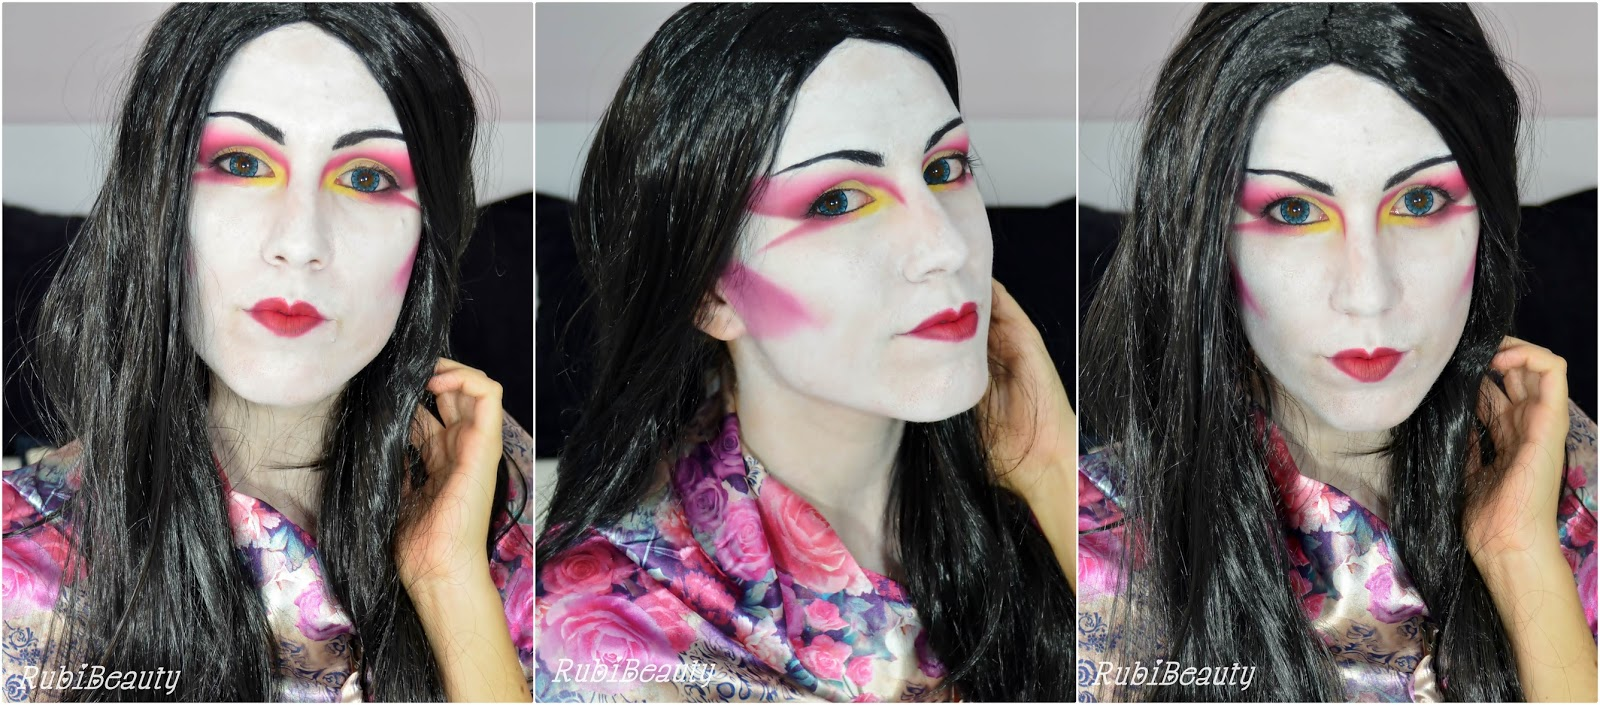 rubibeauty modern geisha facepaint makeup tutorial halloween 2014